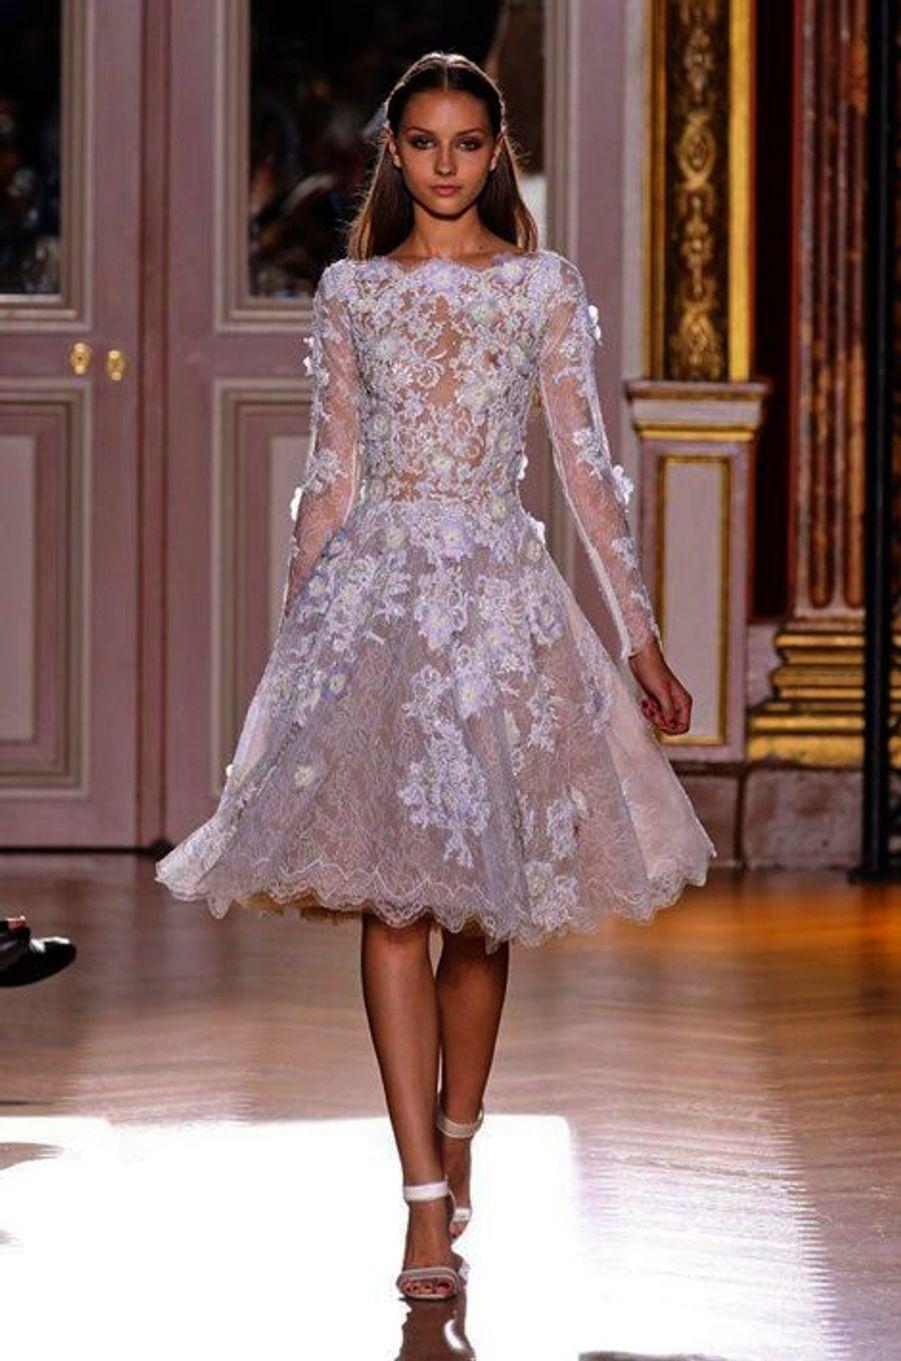 Rose et courte, avec cette robe de mariée, le styliste libanais Zuhair Murad ne s'embarasse pas des traditions.Collection haute- couture automne- hiver 2012- 2013.